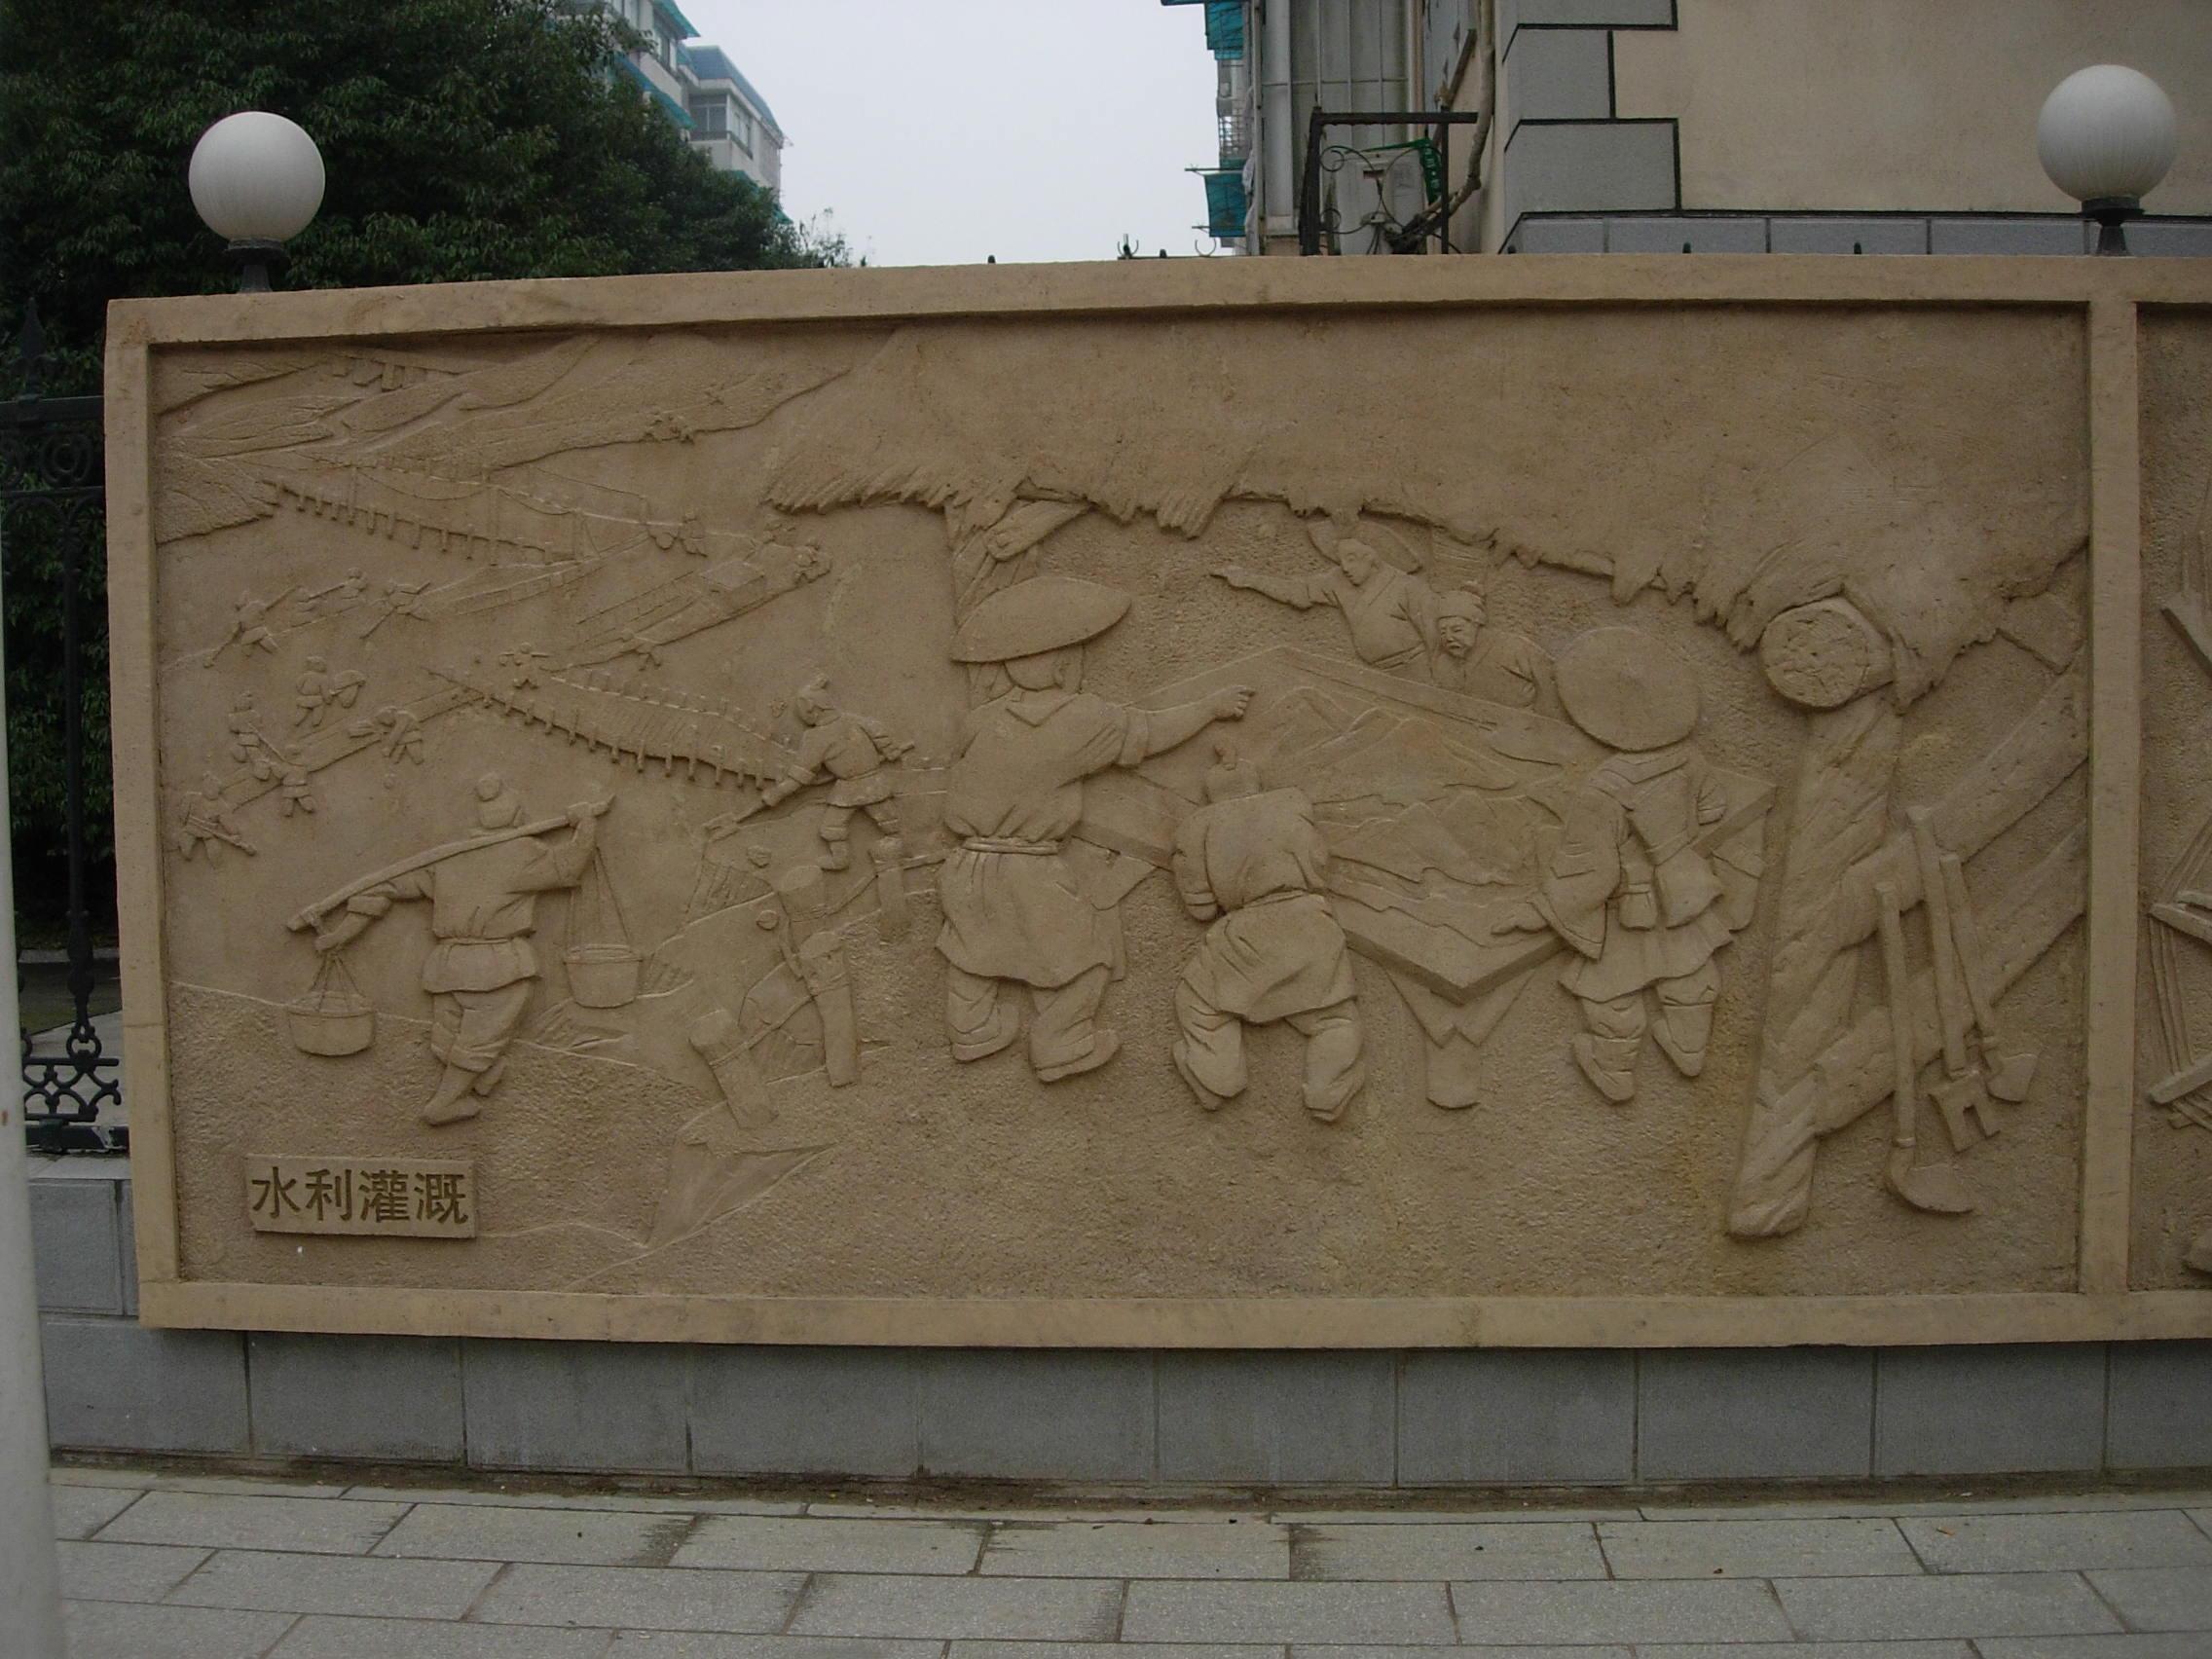 文化墻壁畫浮雕